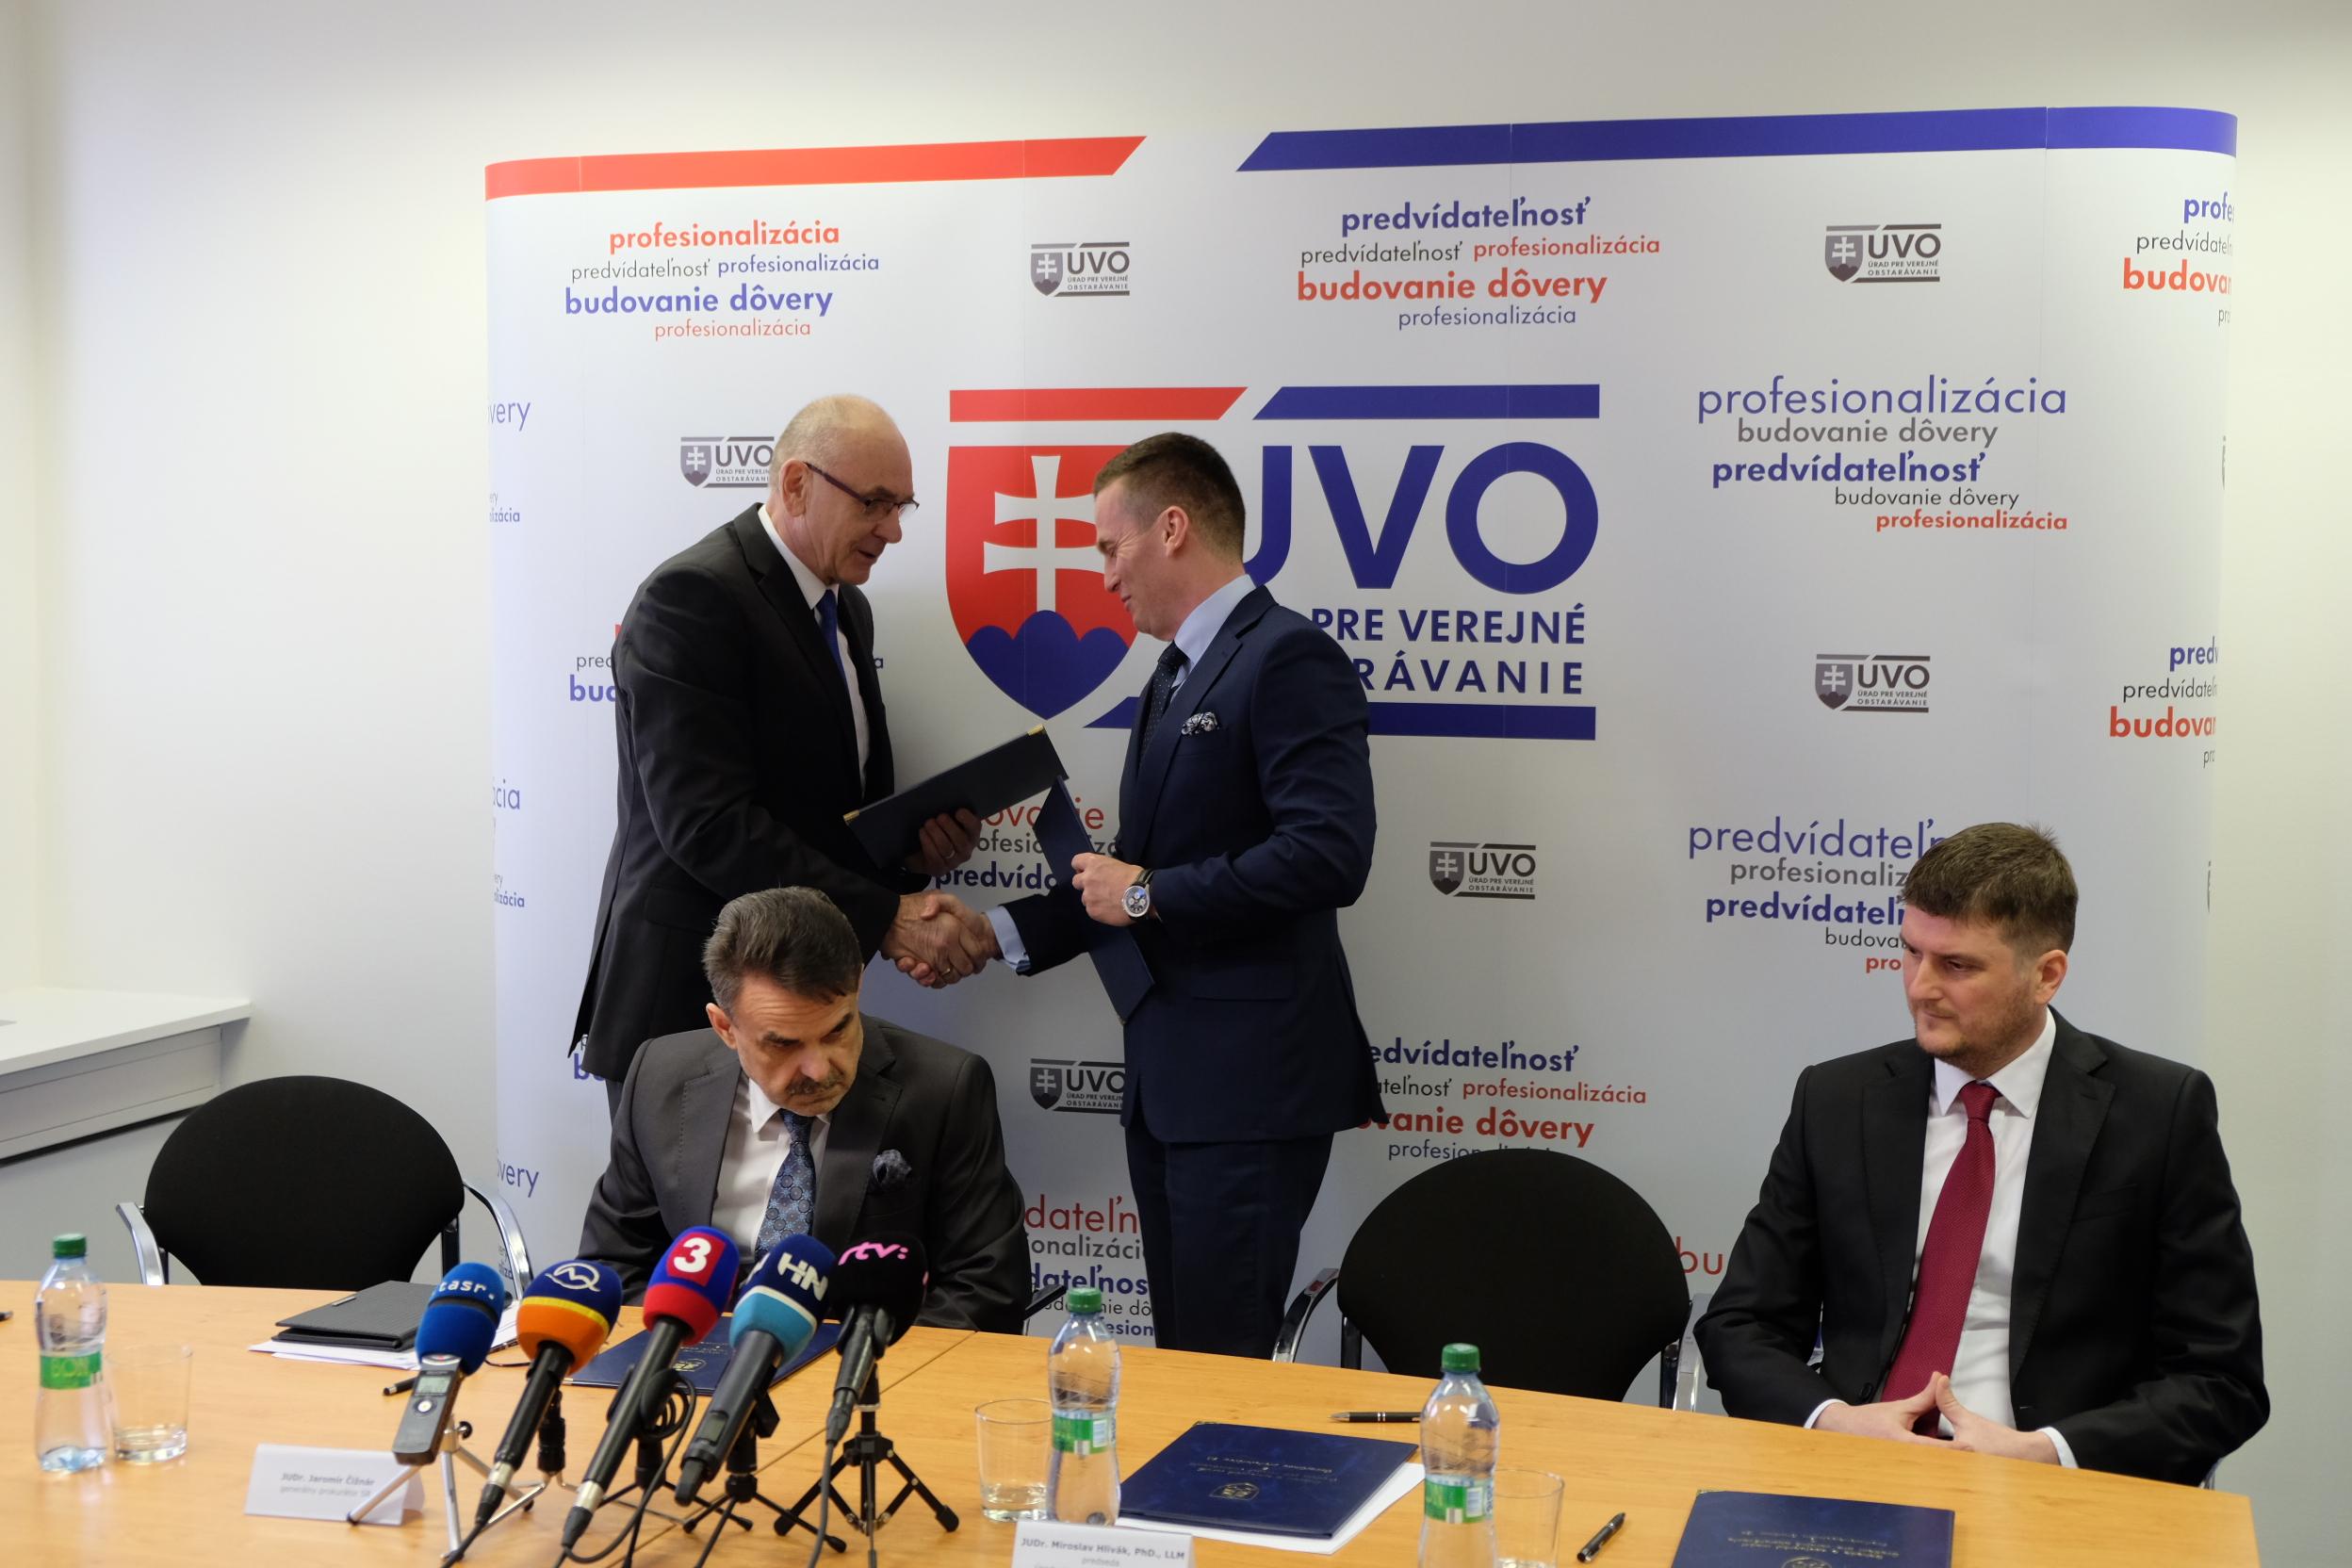 Predstavitelia GP, PMÚ, NKÚ podpísali s predsedom ÚVO dohody o spolupráci